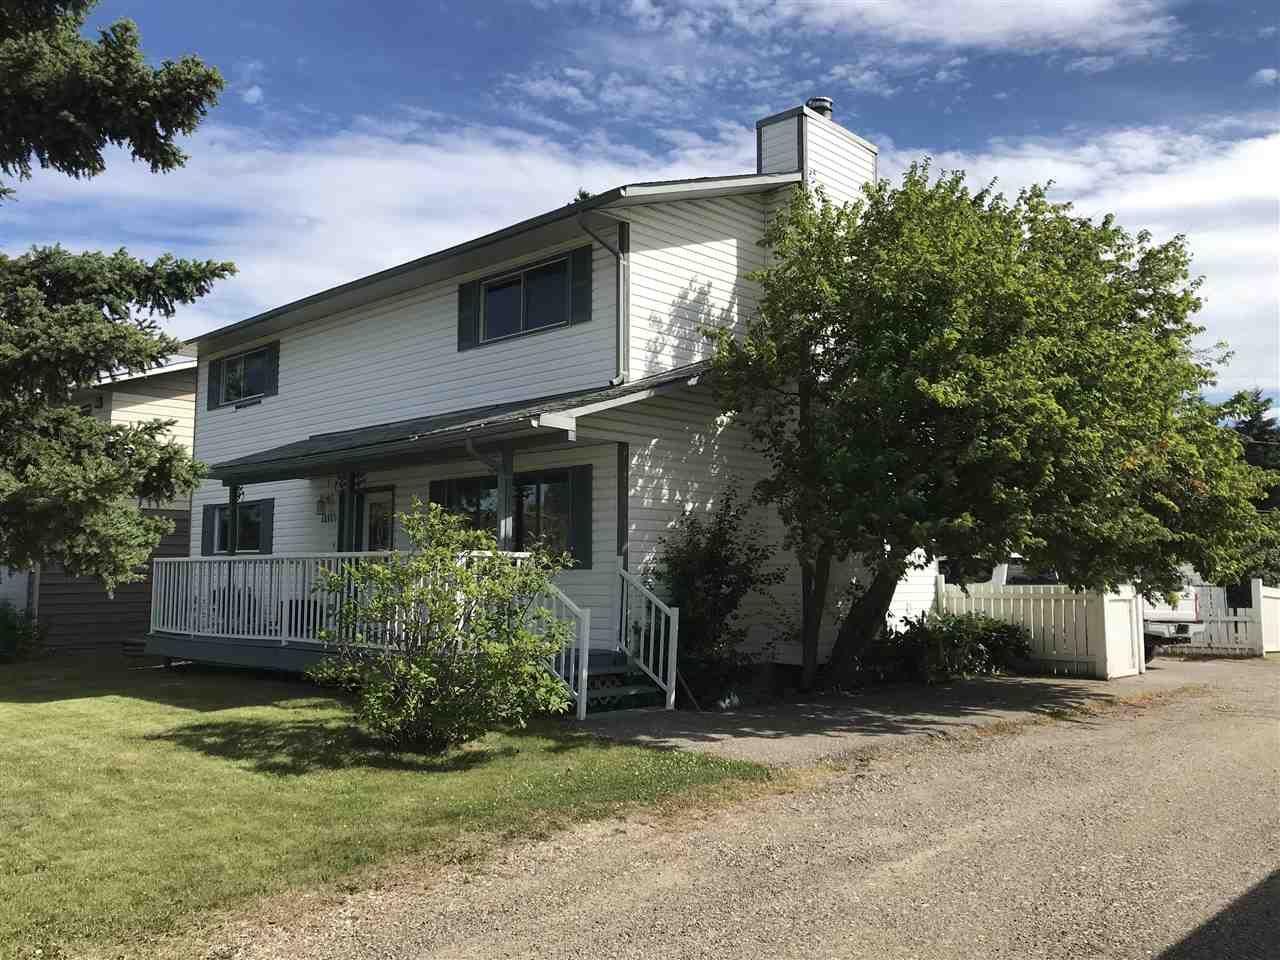 Main Photo: 11115 102 Street in Fort St. John: Fort St. John - City NW House for sale (Fort St. John (Zone 60))  : MLS®# R2485022